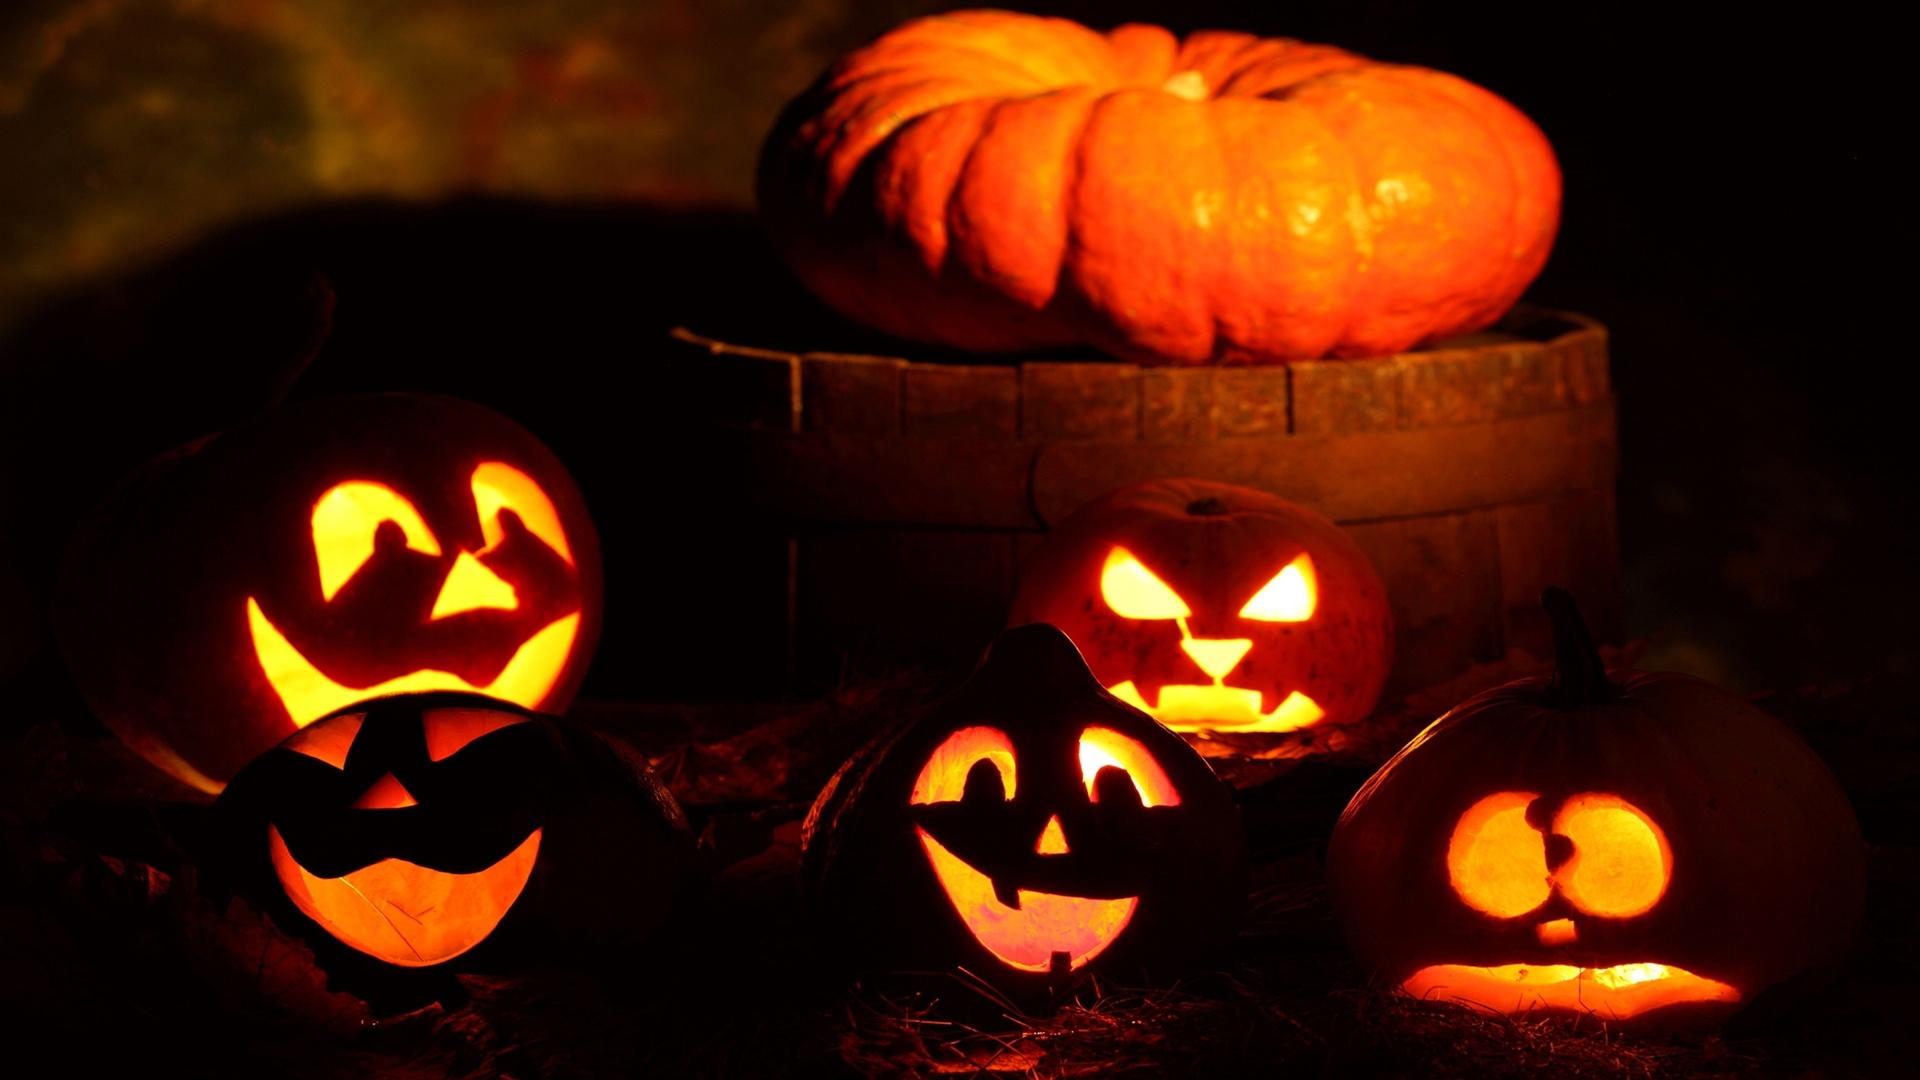 Halloween Pumpkin computer wallpaper